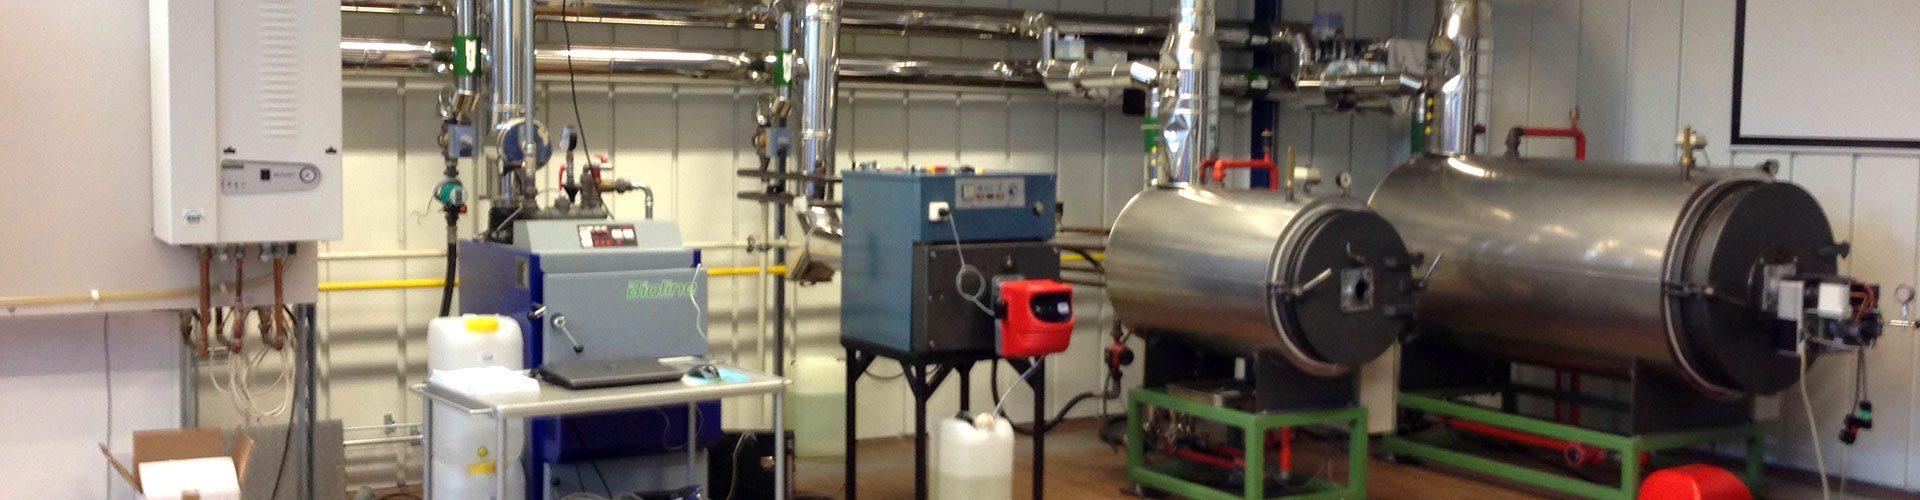 biofyringsolje anlegg